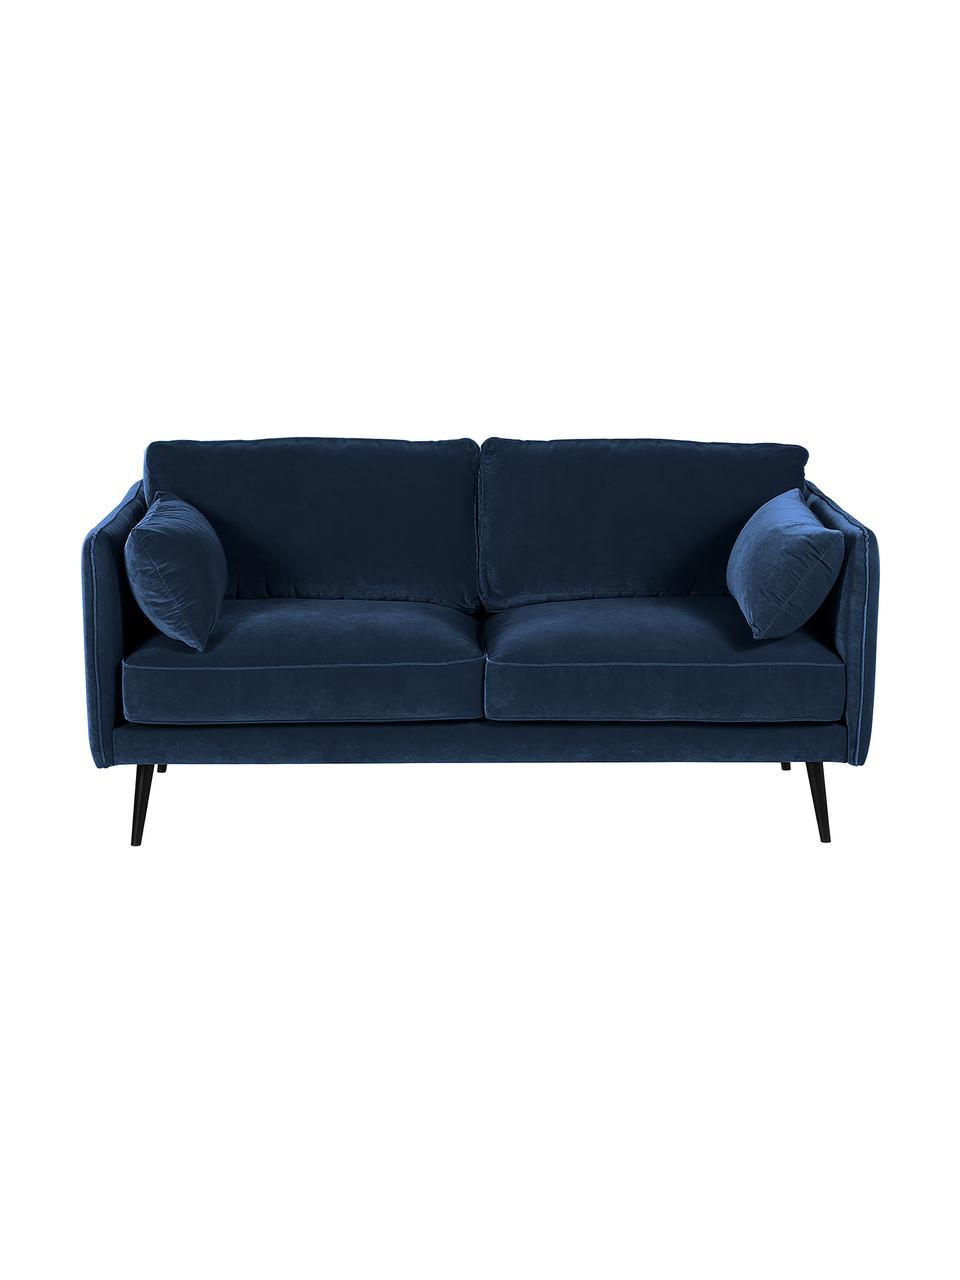 Canapé 2places velours bleu Paola, Velours bleu